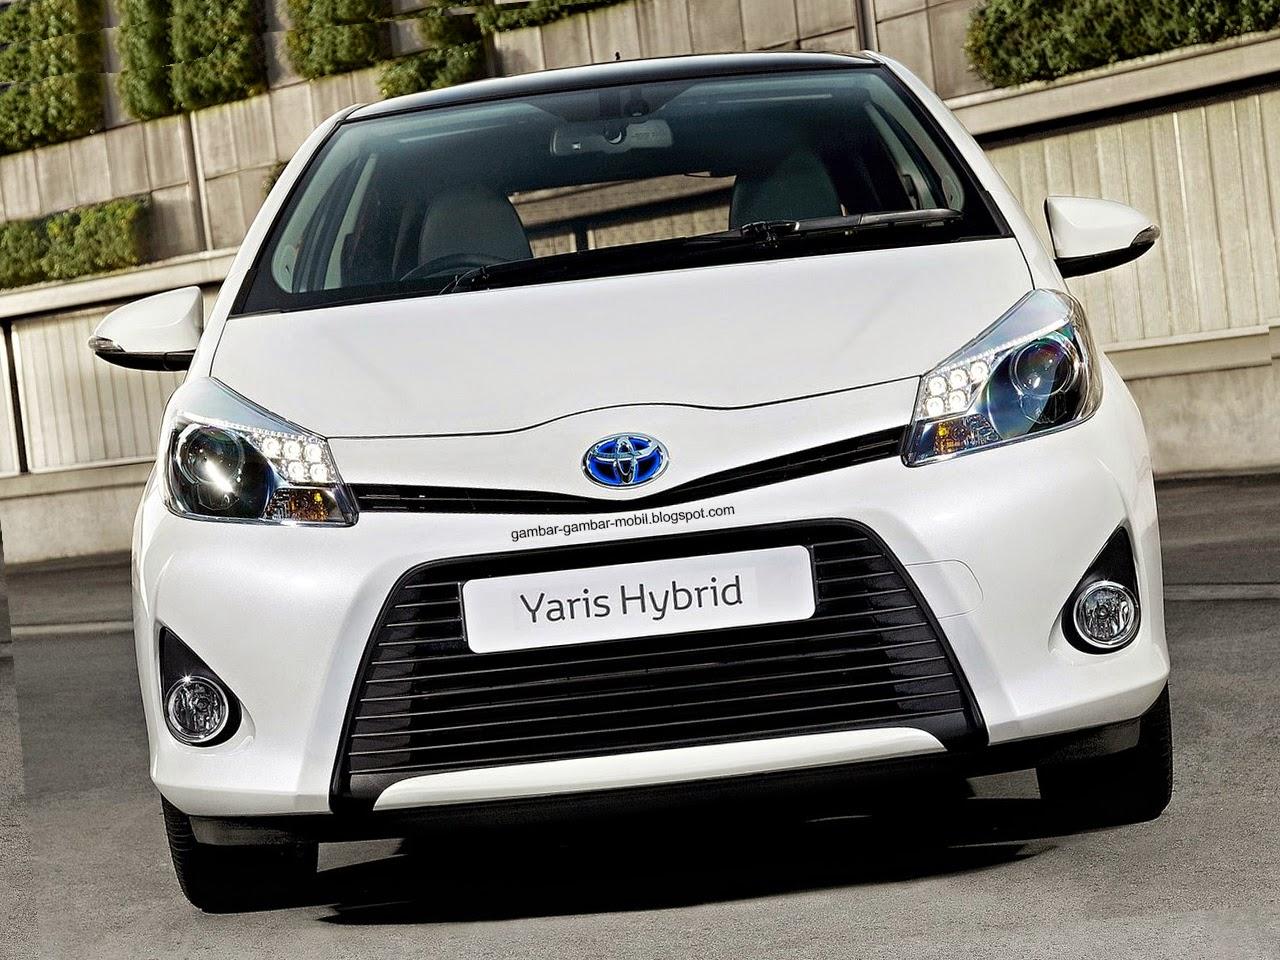 Gambar mobil baru Gambar Gambar Mobil